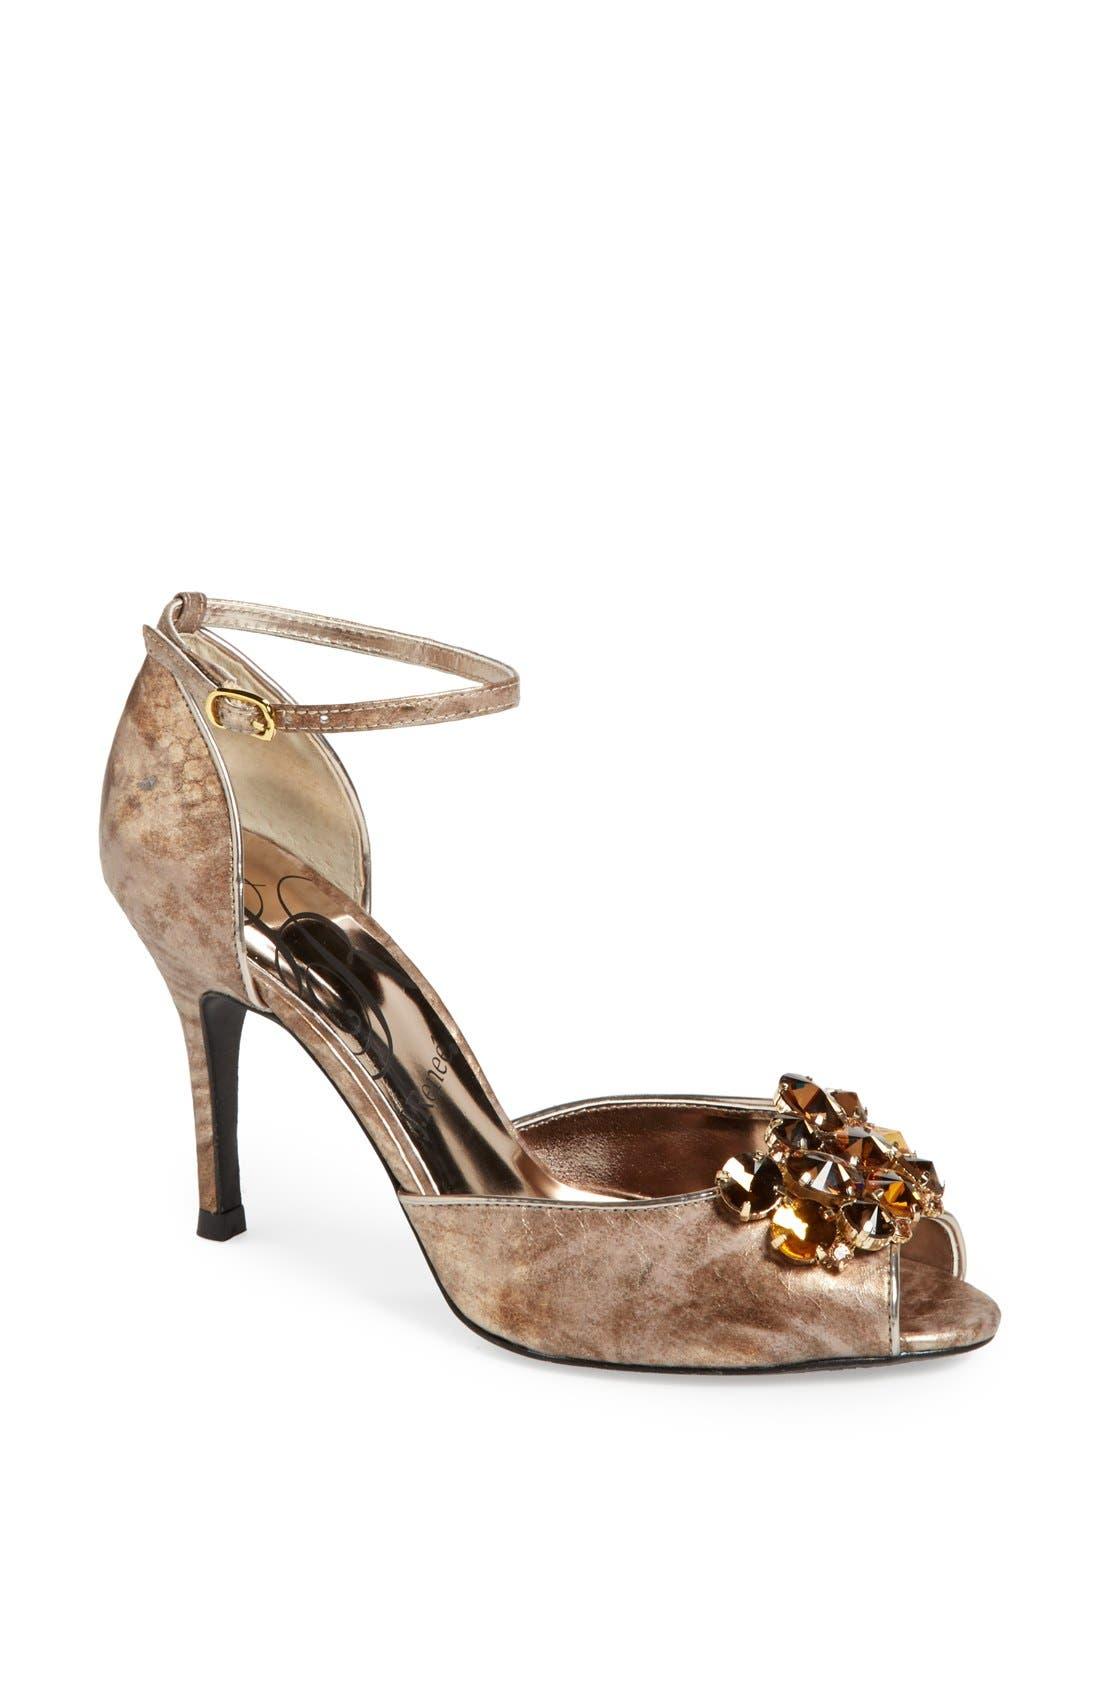 Alternate Image 1 Selected - J. Reneé 'Deneen' Embellished Ankle Strap Sandal